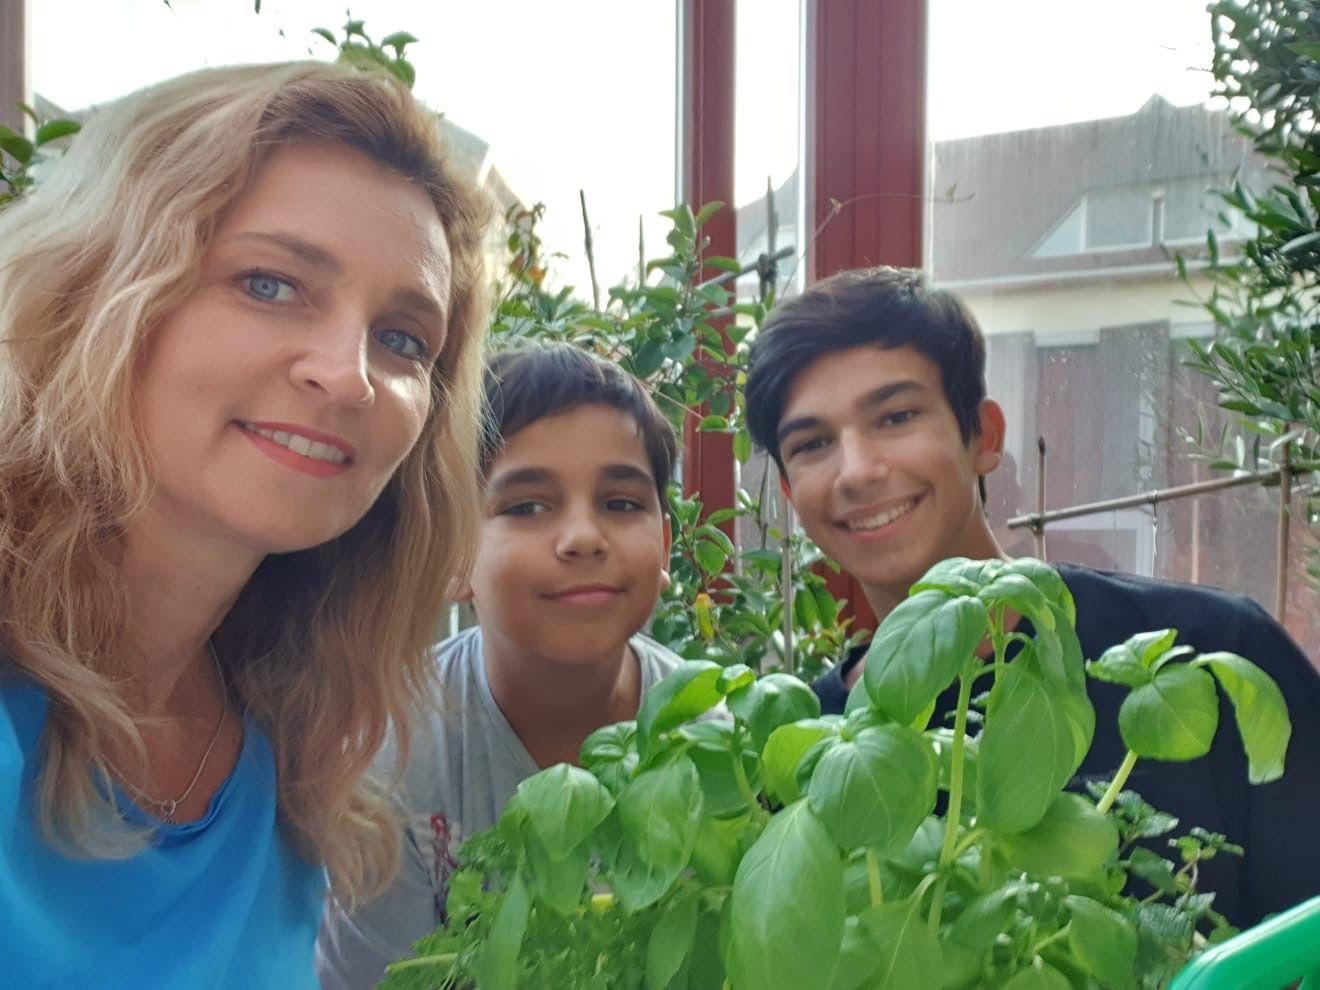 Novodomszky Éva a gyerekeivel veteményest csinált (Fotó: Novodomszky Éva)